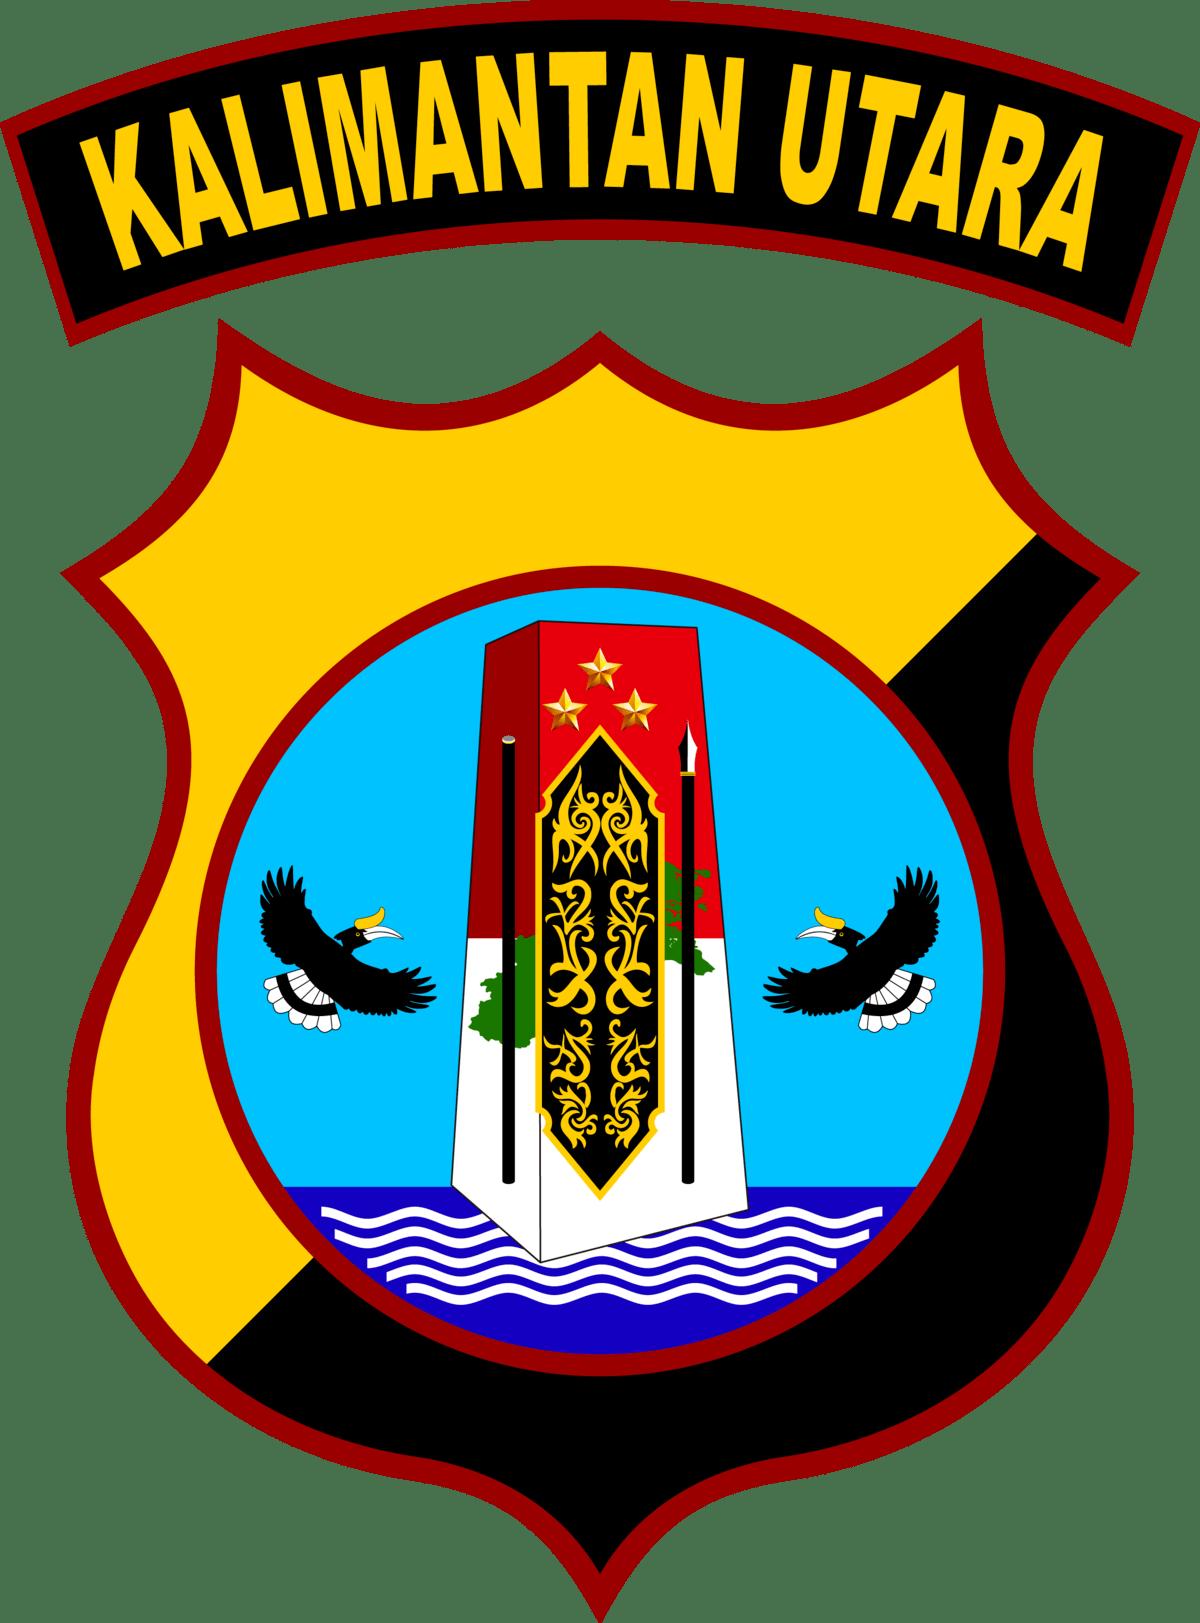 Logo Polda Kaltim Png : polda, kaltim, Berkas:Lambang, Polda, Kaltara, Logo.png, Wikipedia, Bahasa, Indonesia,, Ensiklopedia, Bebas